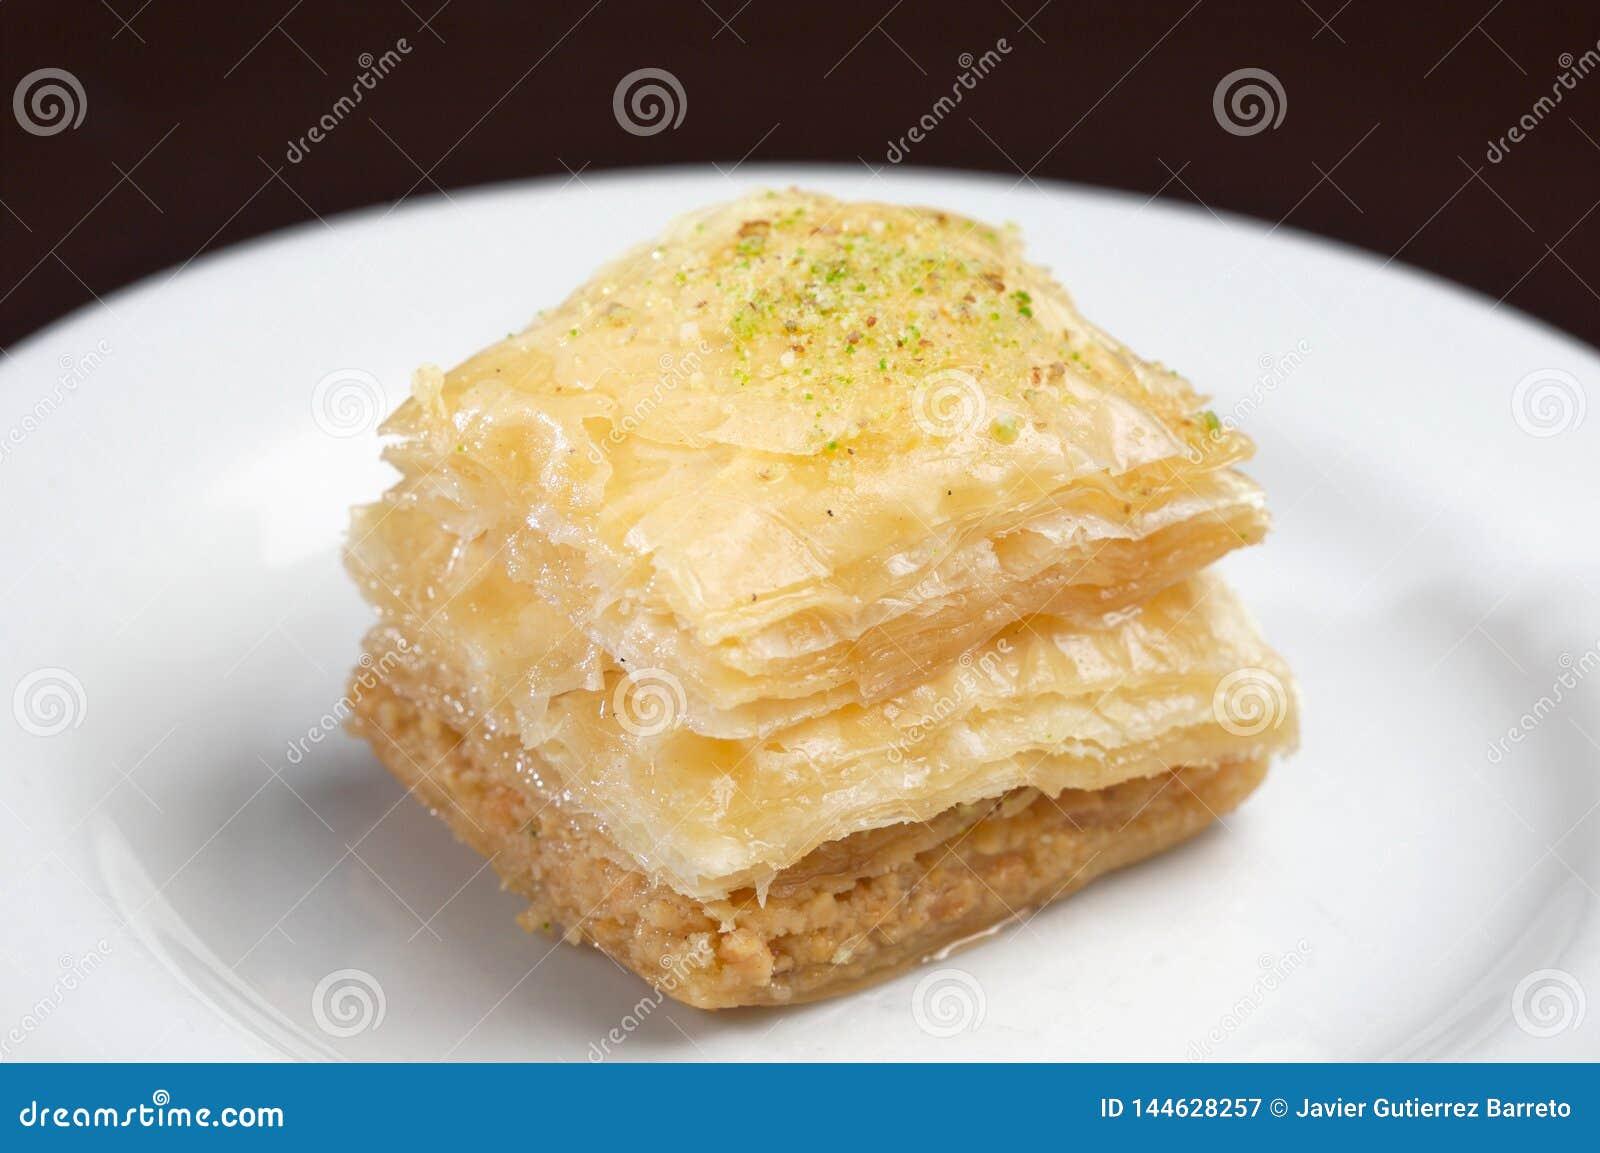 用开心果或被击碎的坚果浆糊做的土耳其蛋糕